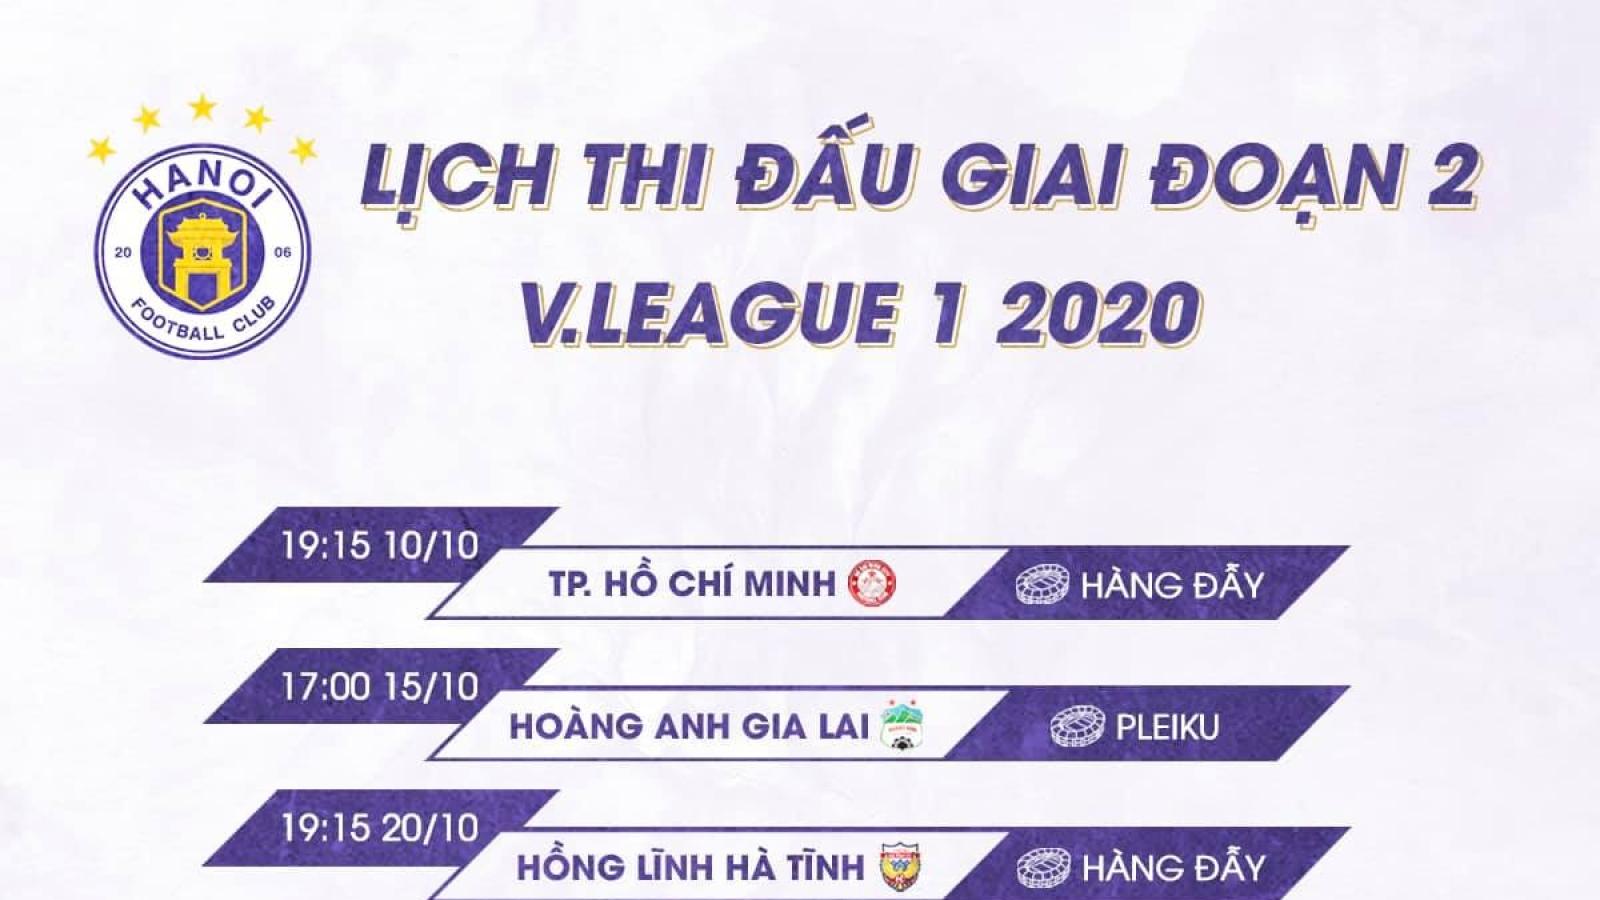 Hà Nội FC được hưởng lợi vì lịch thi đấu giai đoạn 2 V-Leguea 2020